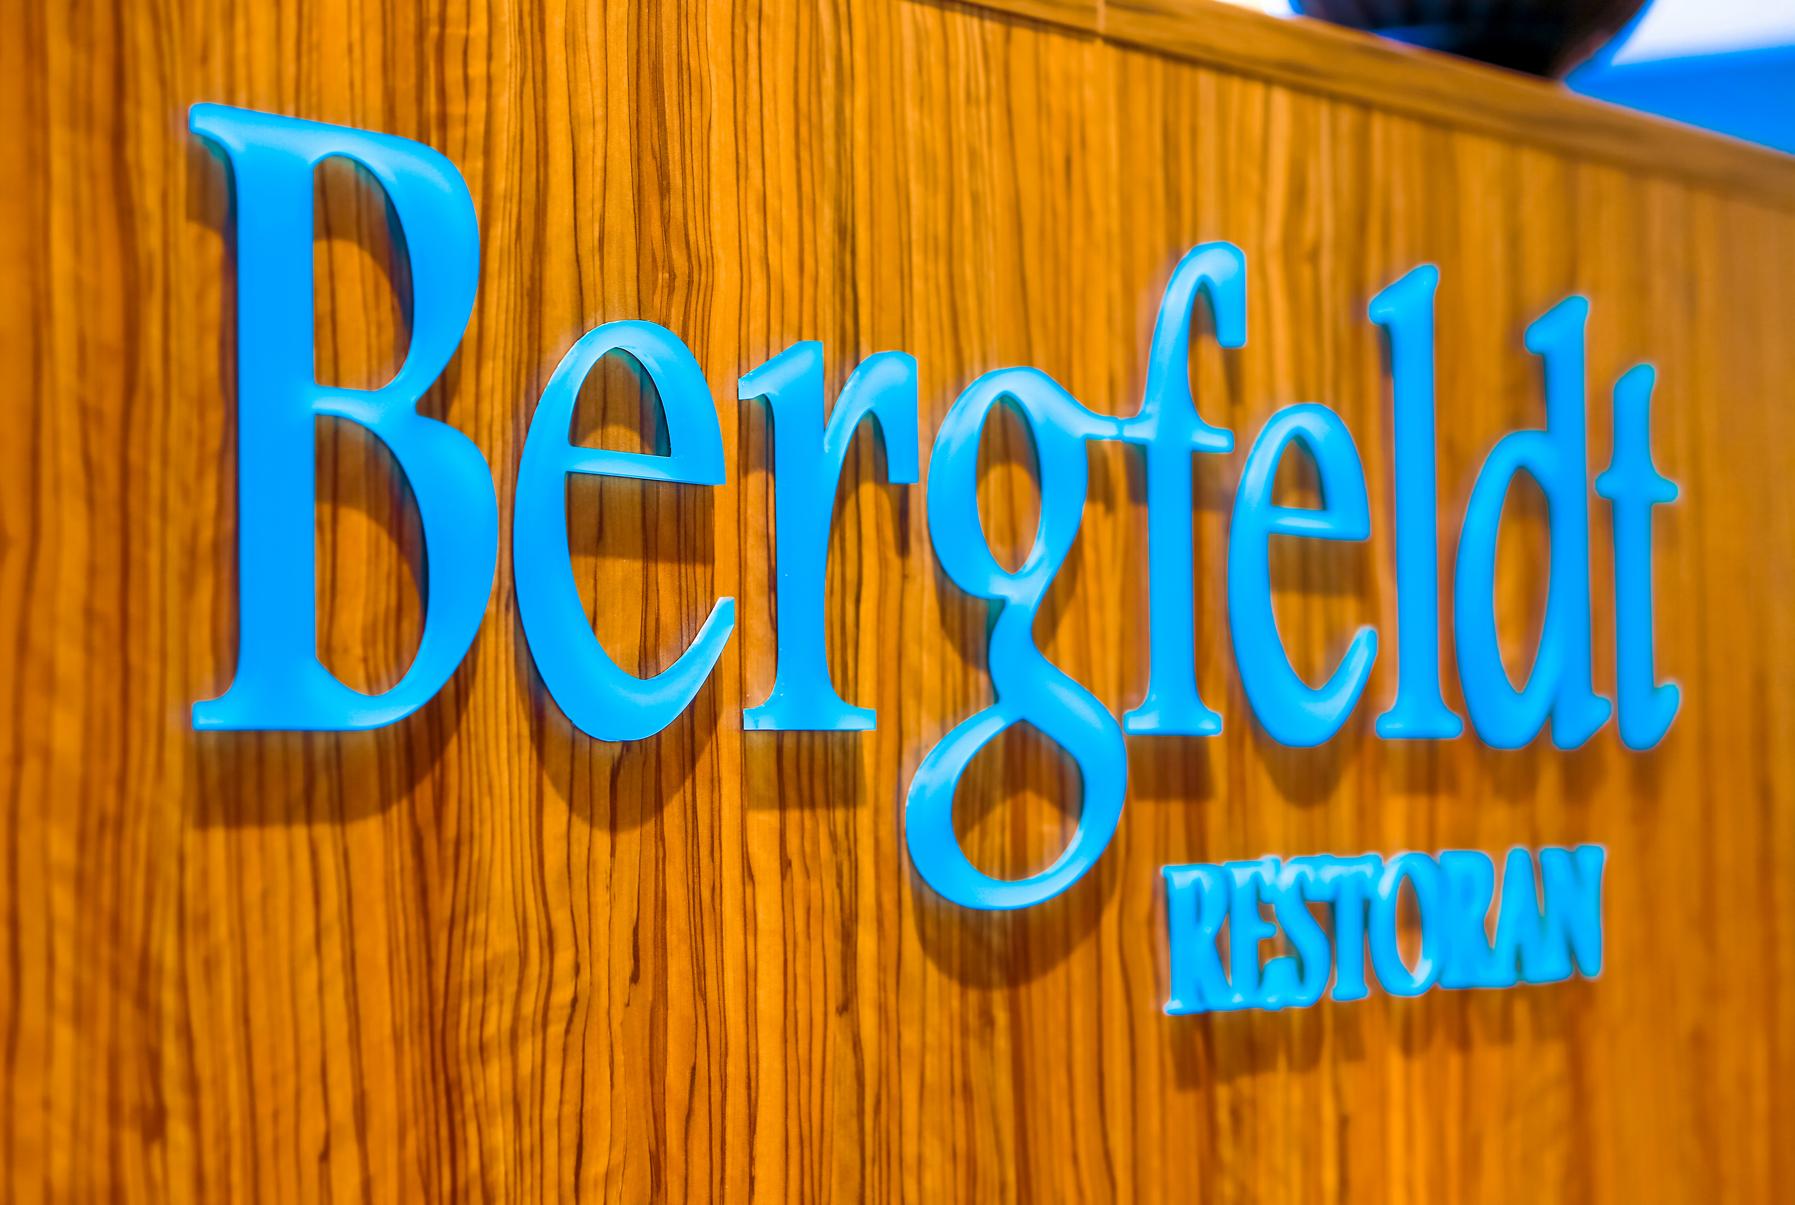 Bergfeldti restoran (2)